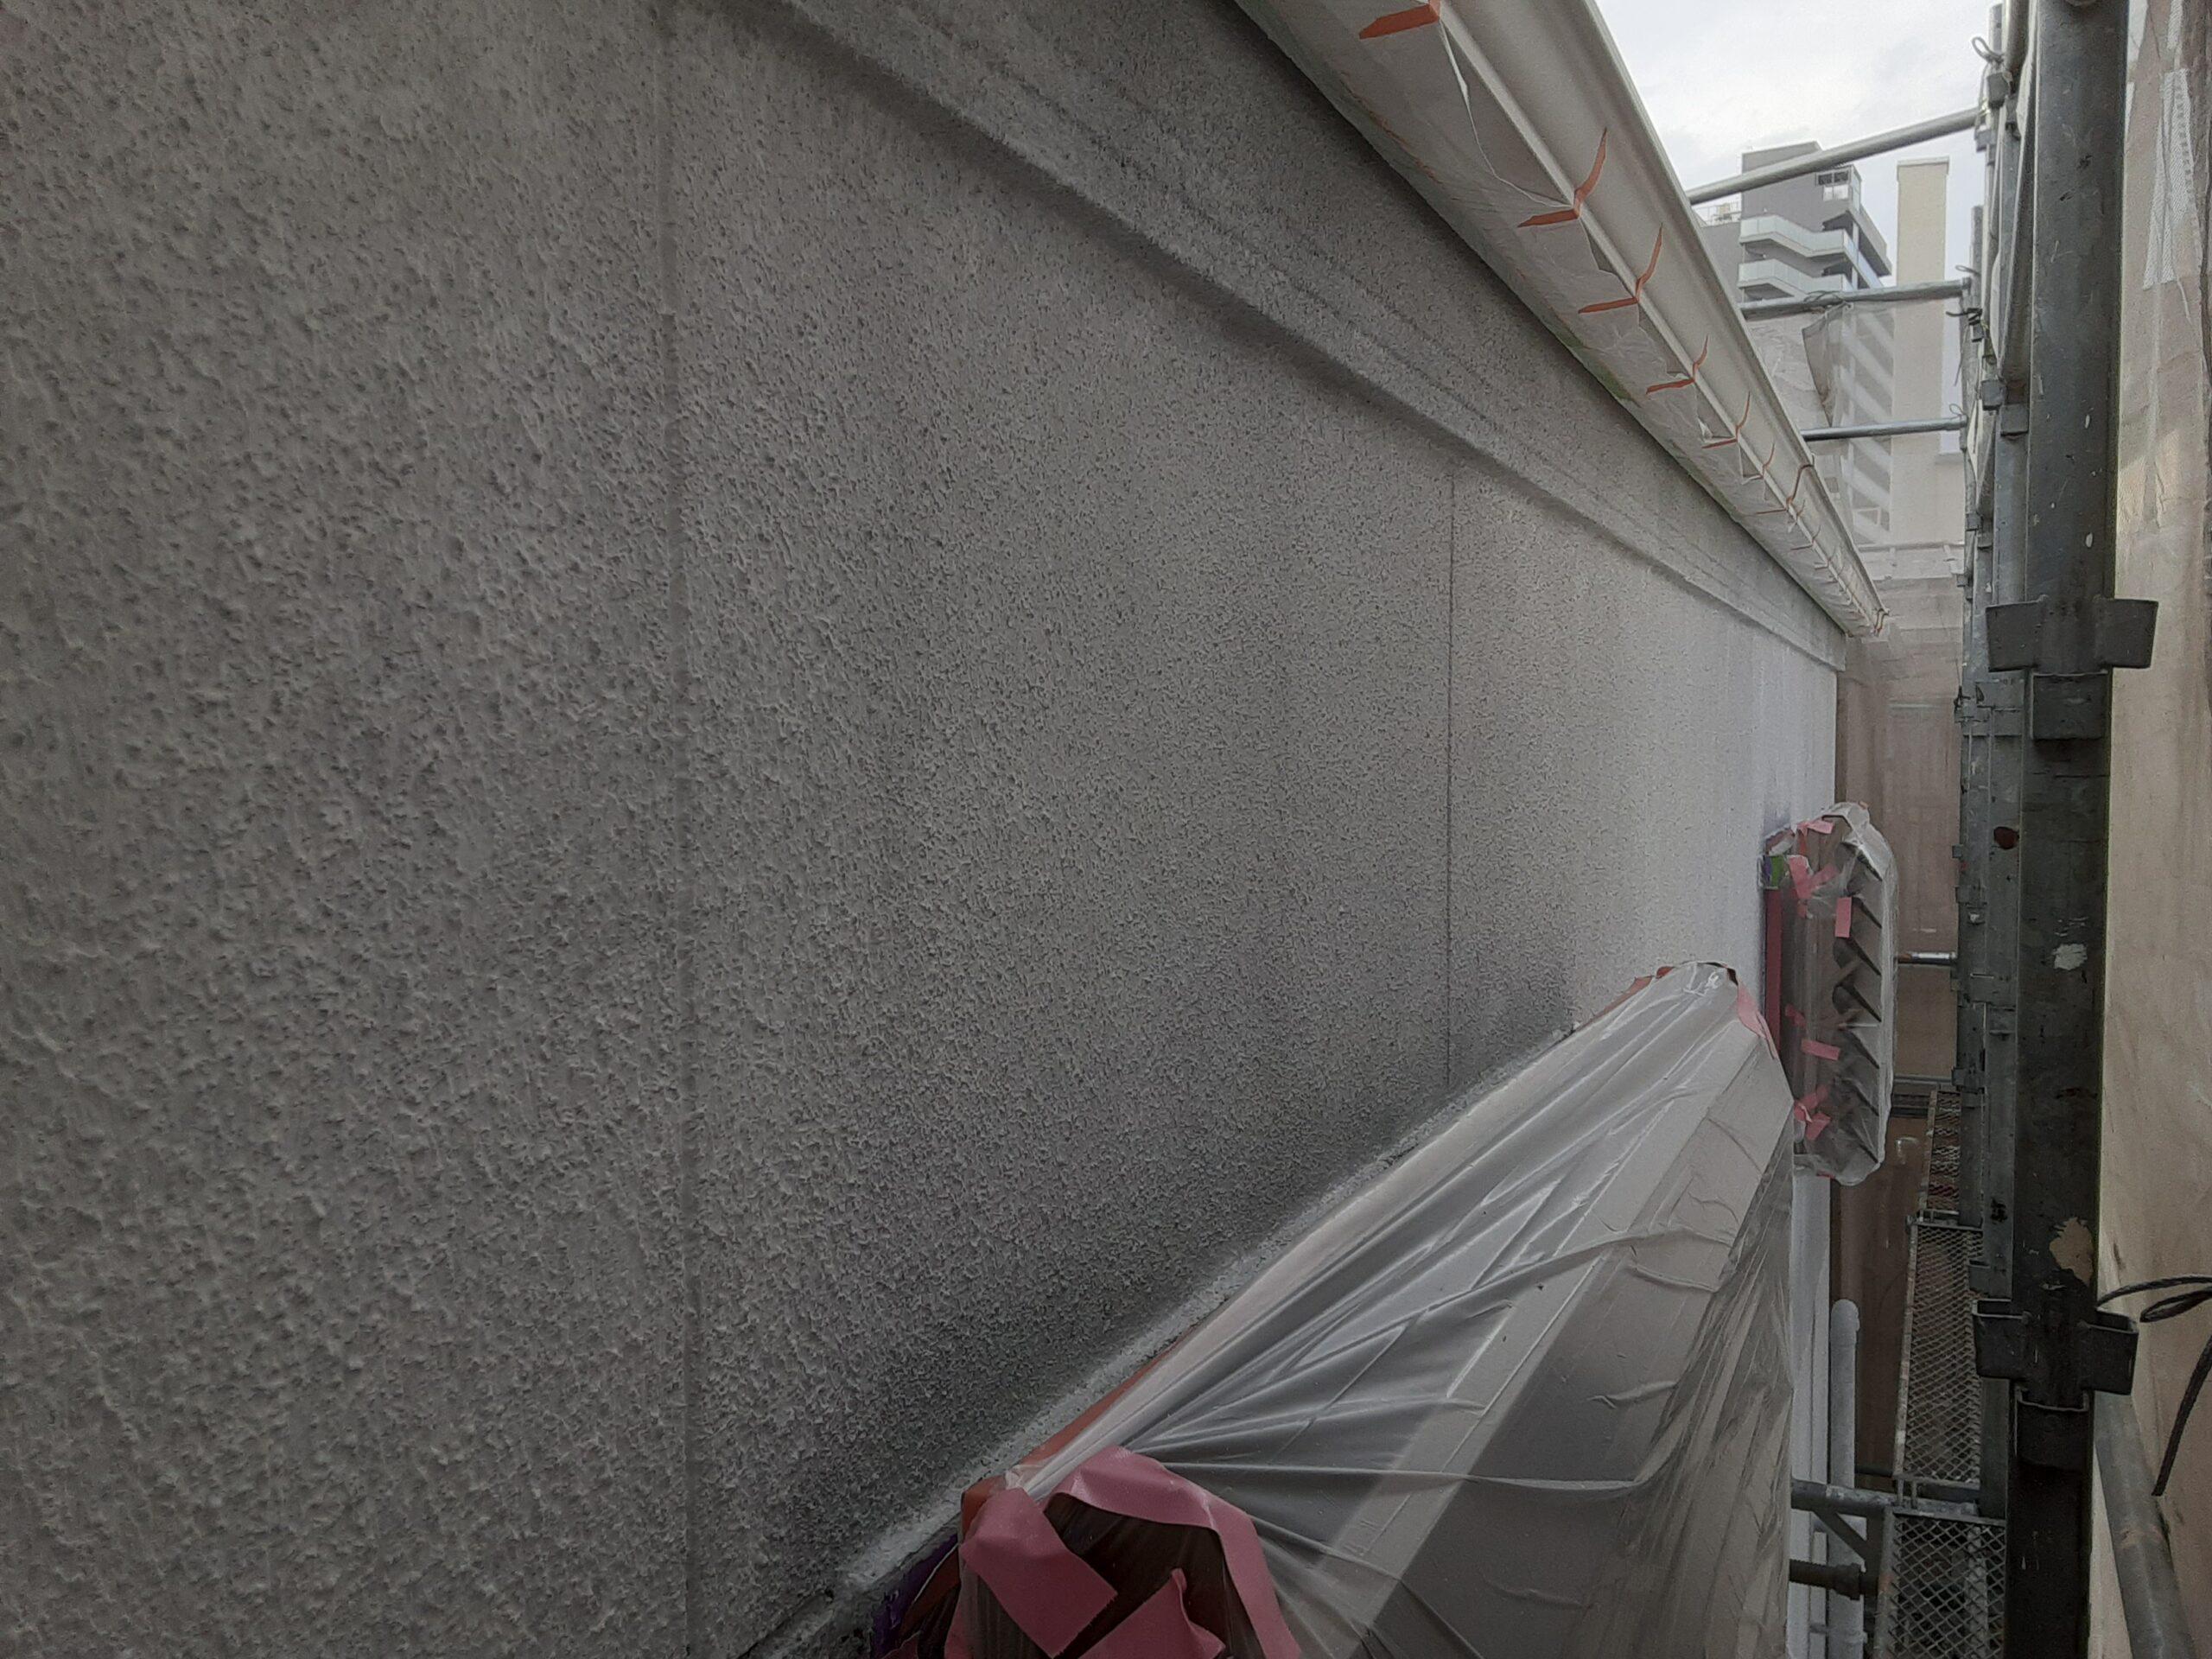 埼玉県さいたま市中央区のK様邸(木造2階建て)にて外壁の下塗り塗装